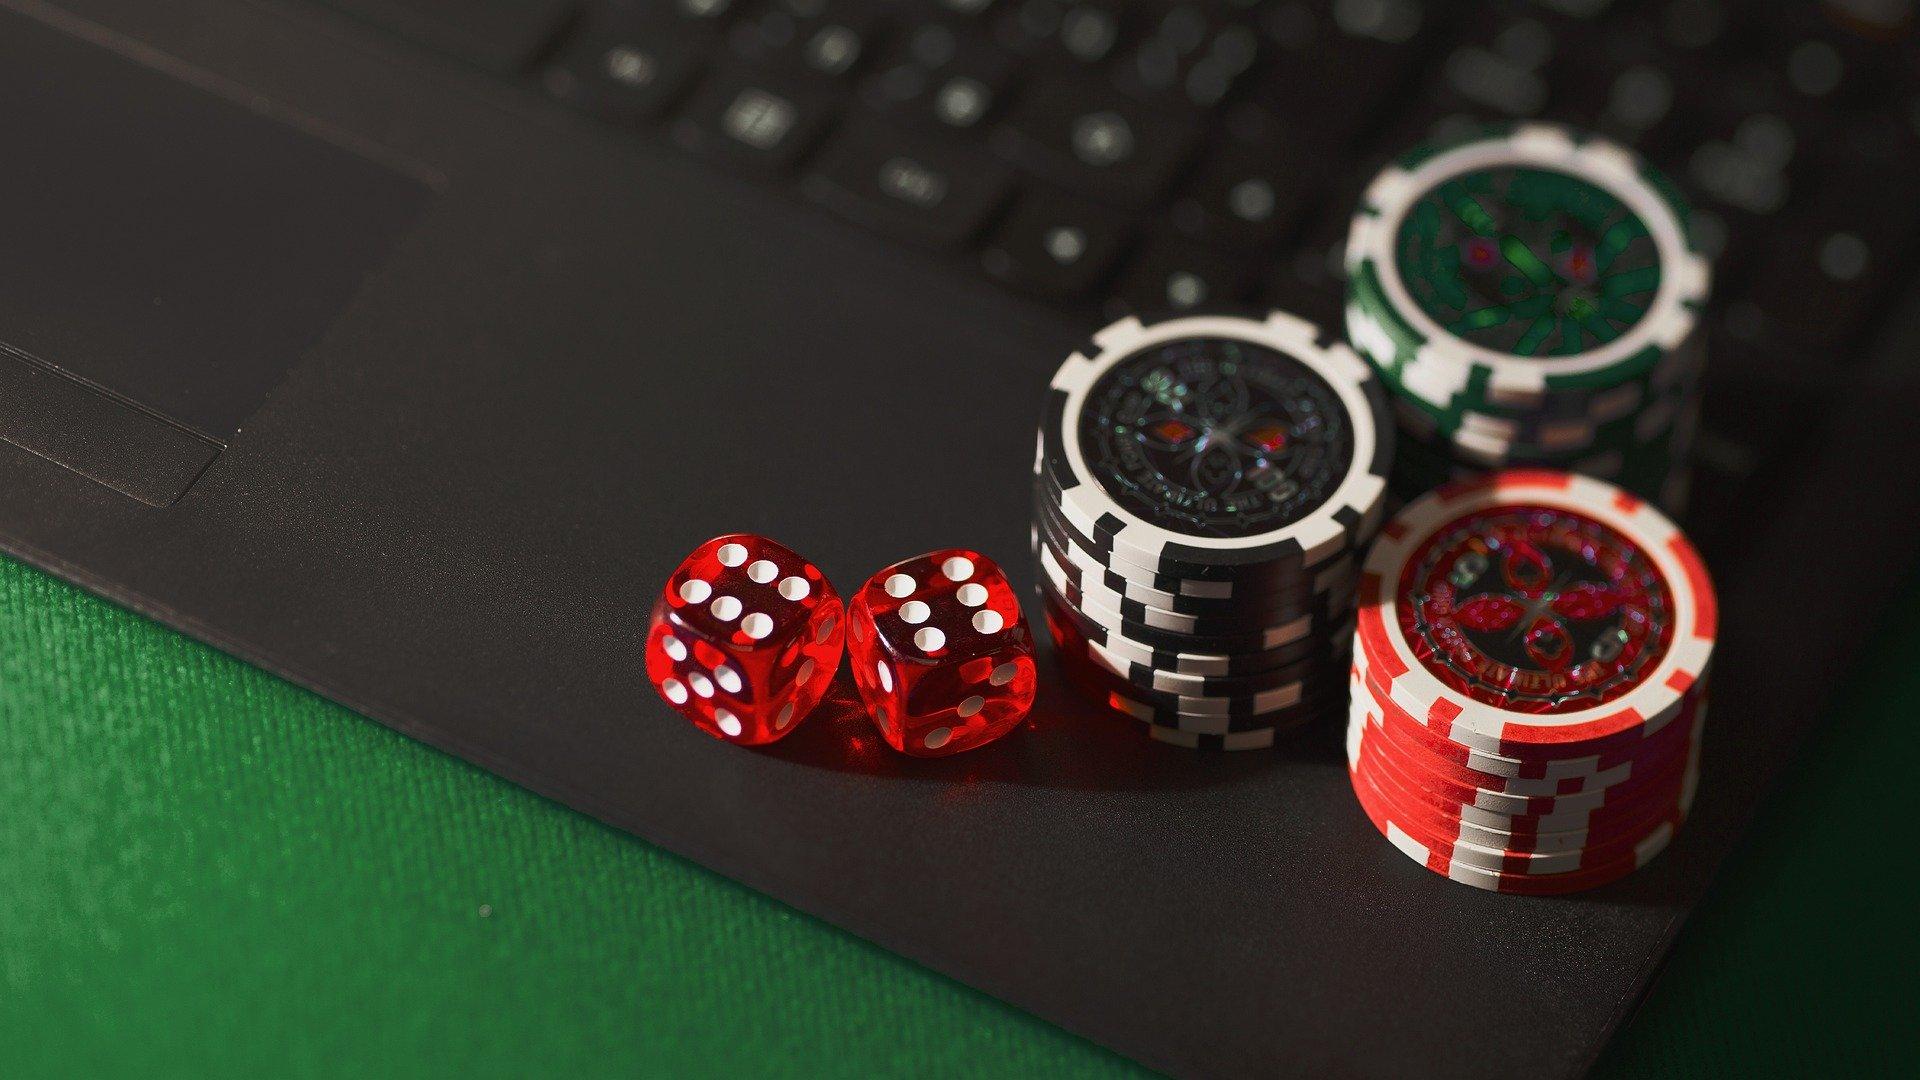 Sådan kommer du bedst i gang med online casino